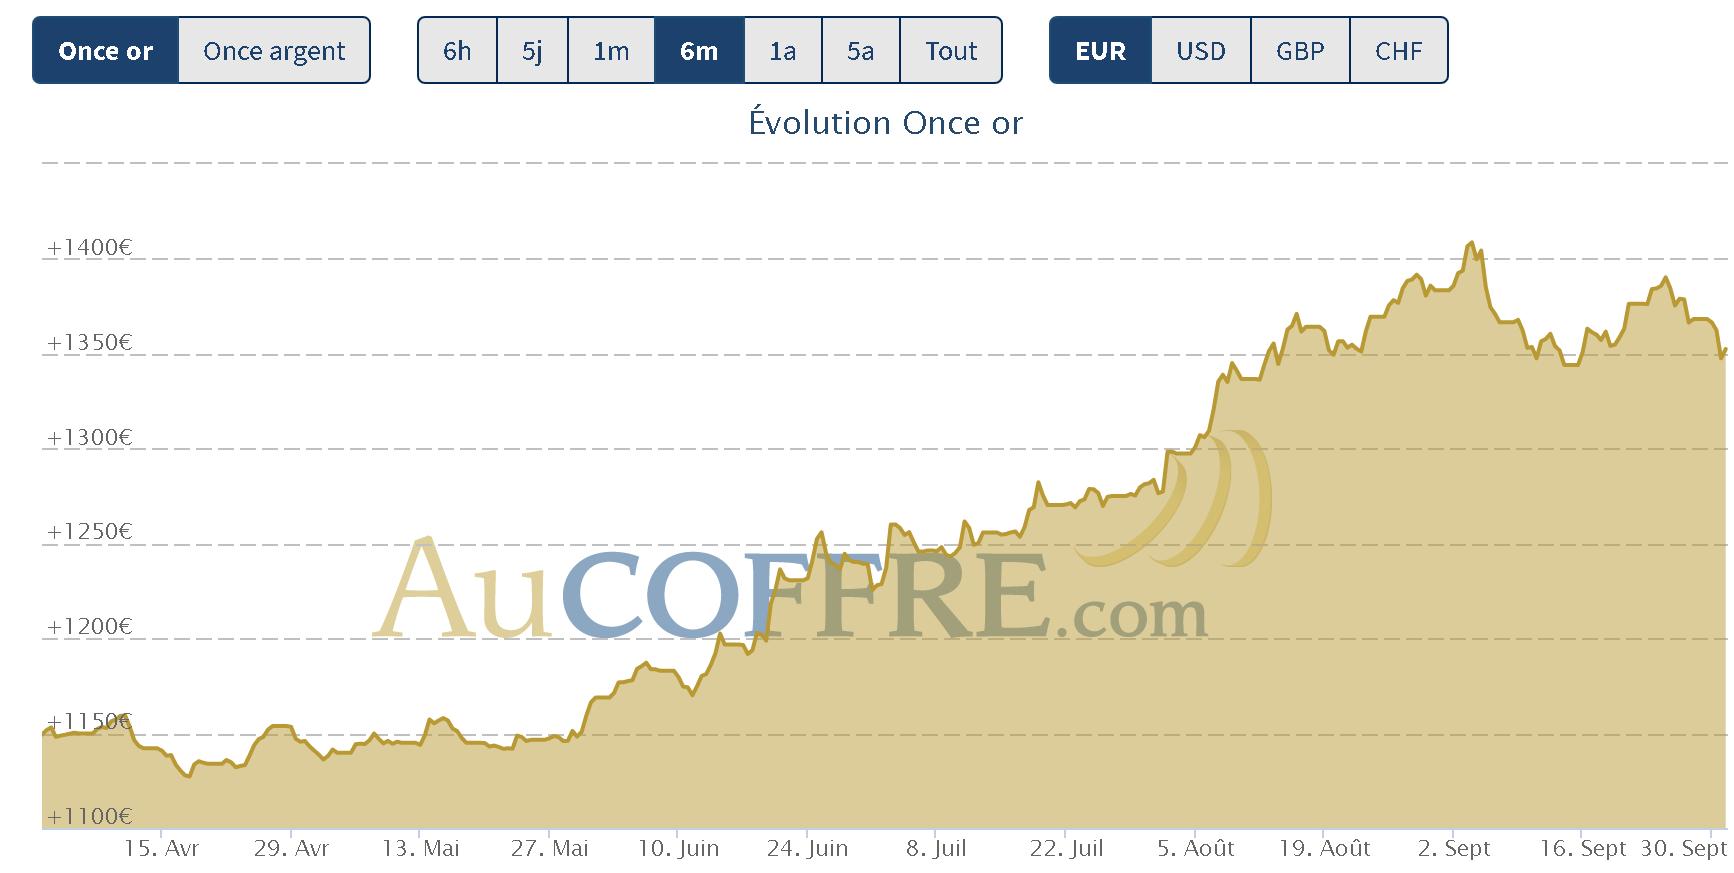 or, argent, les tendances des cours